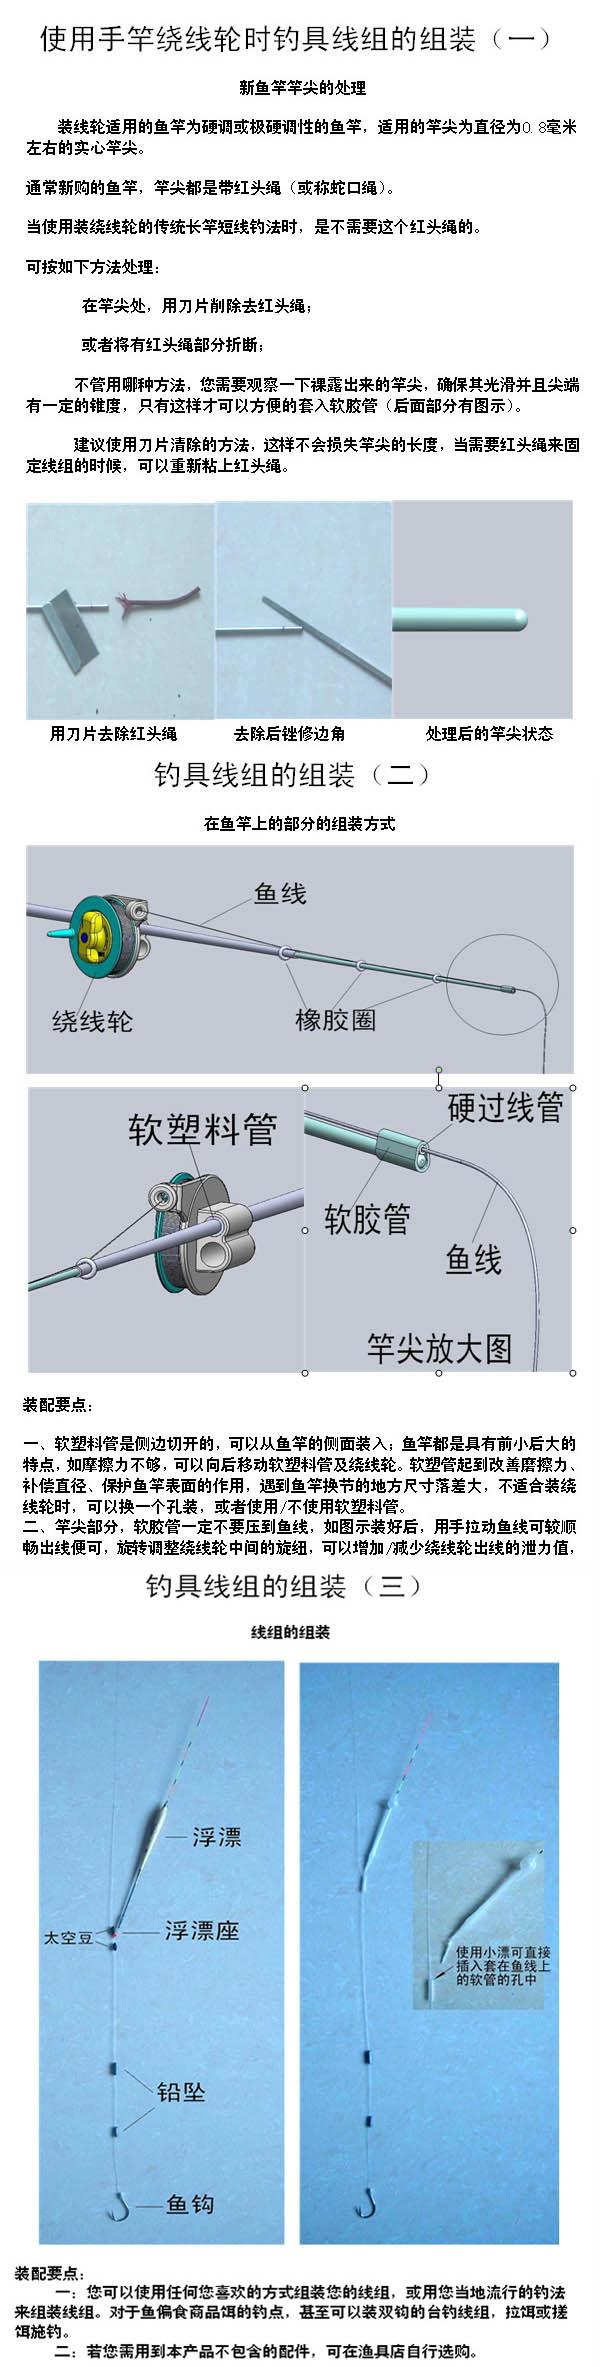 鱼竿的组装方法图解